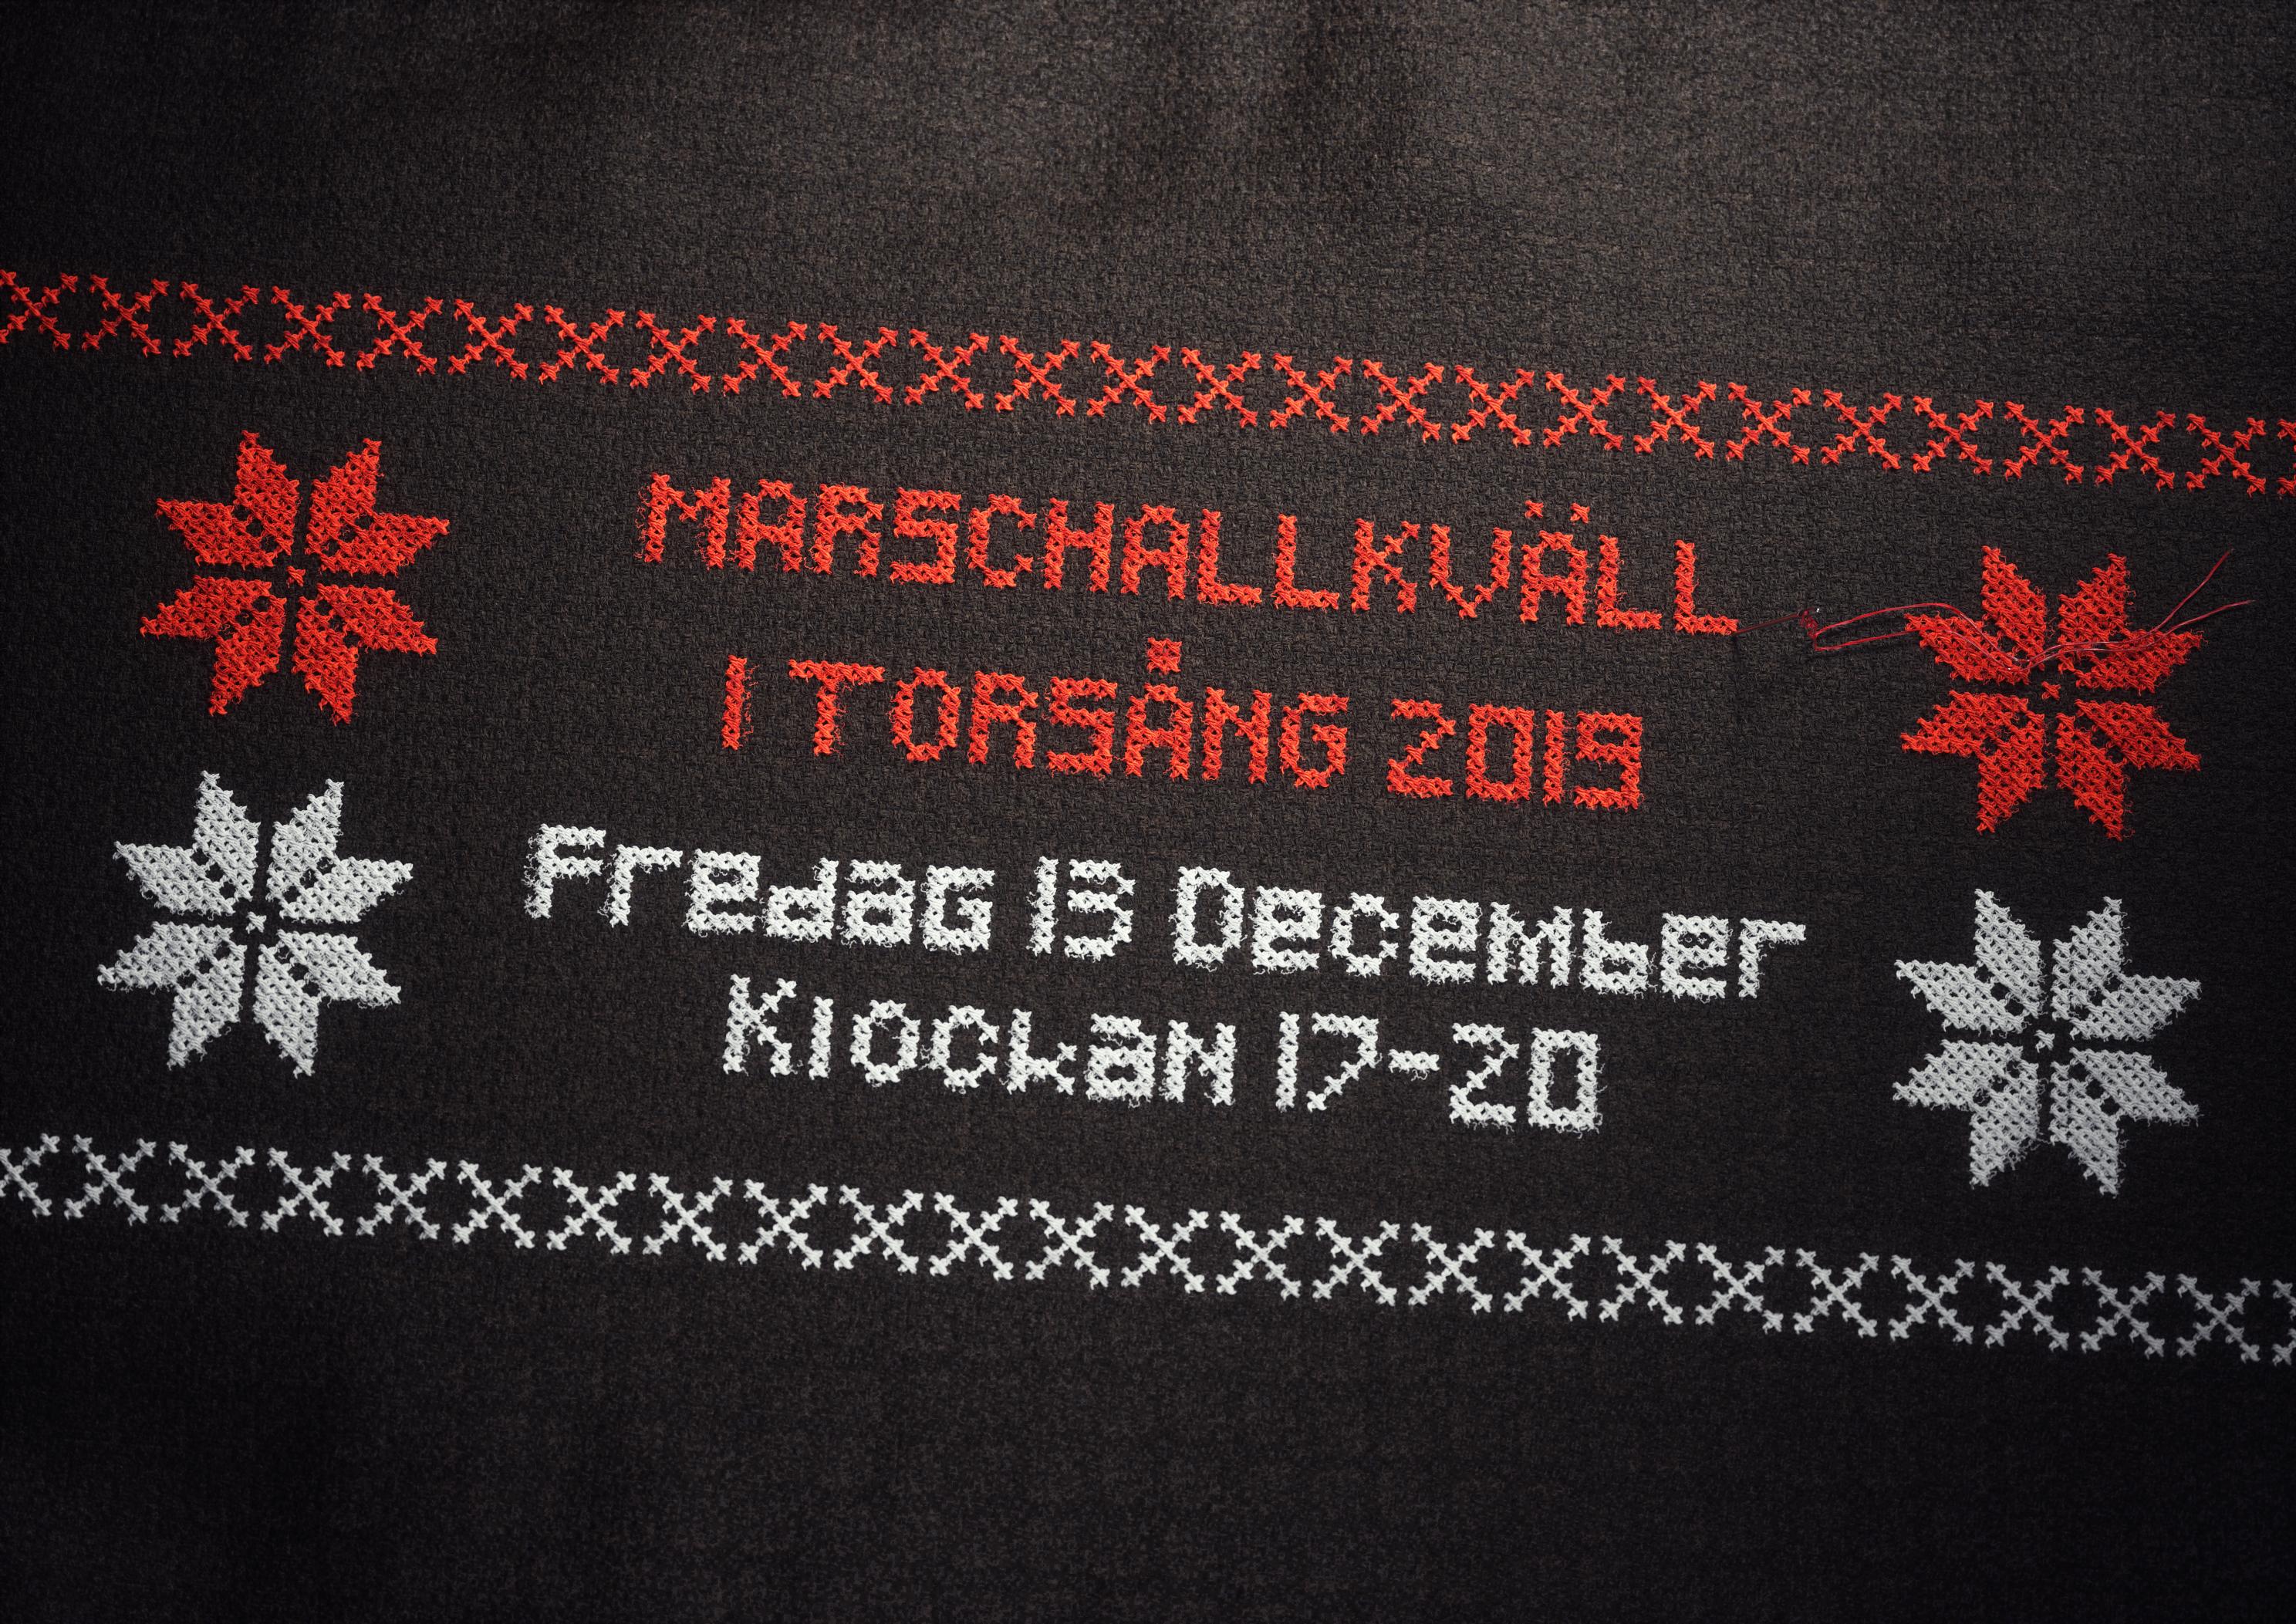 Marschallkväll i Torsång 2019